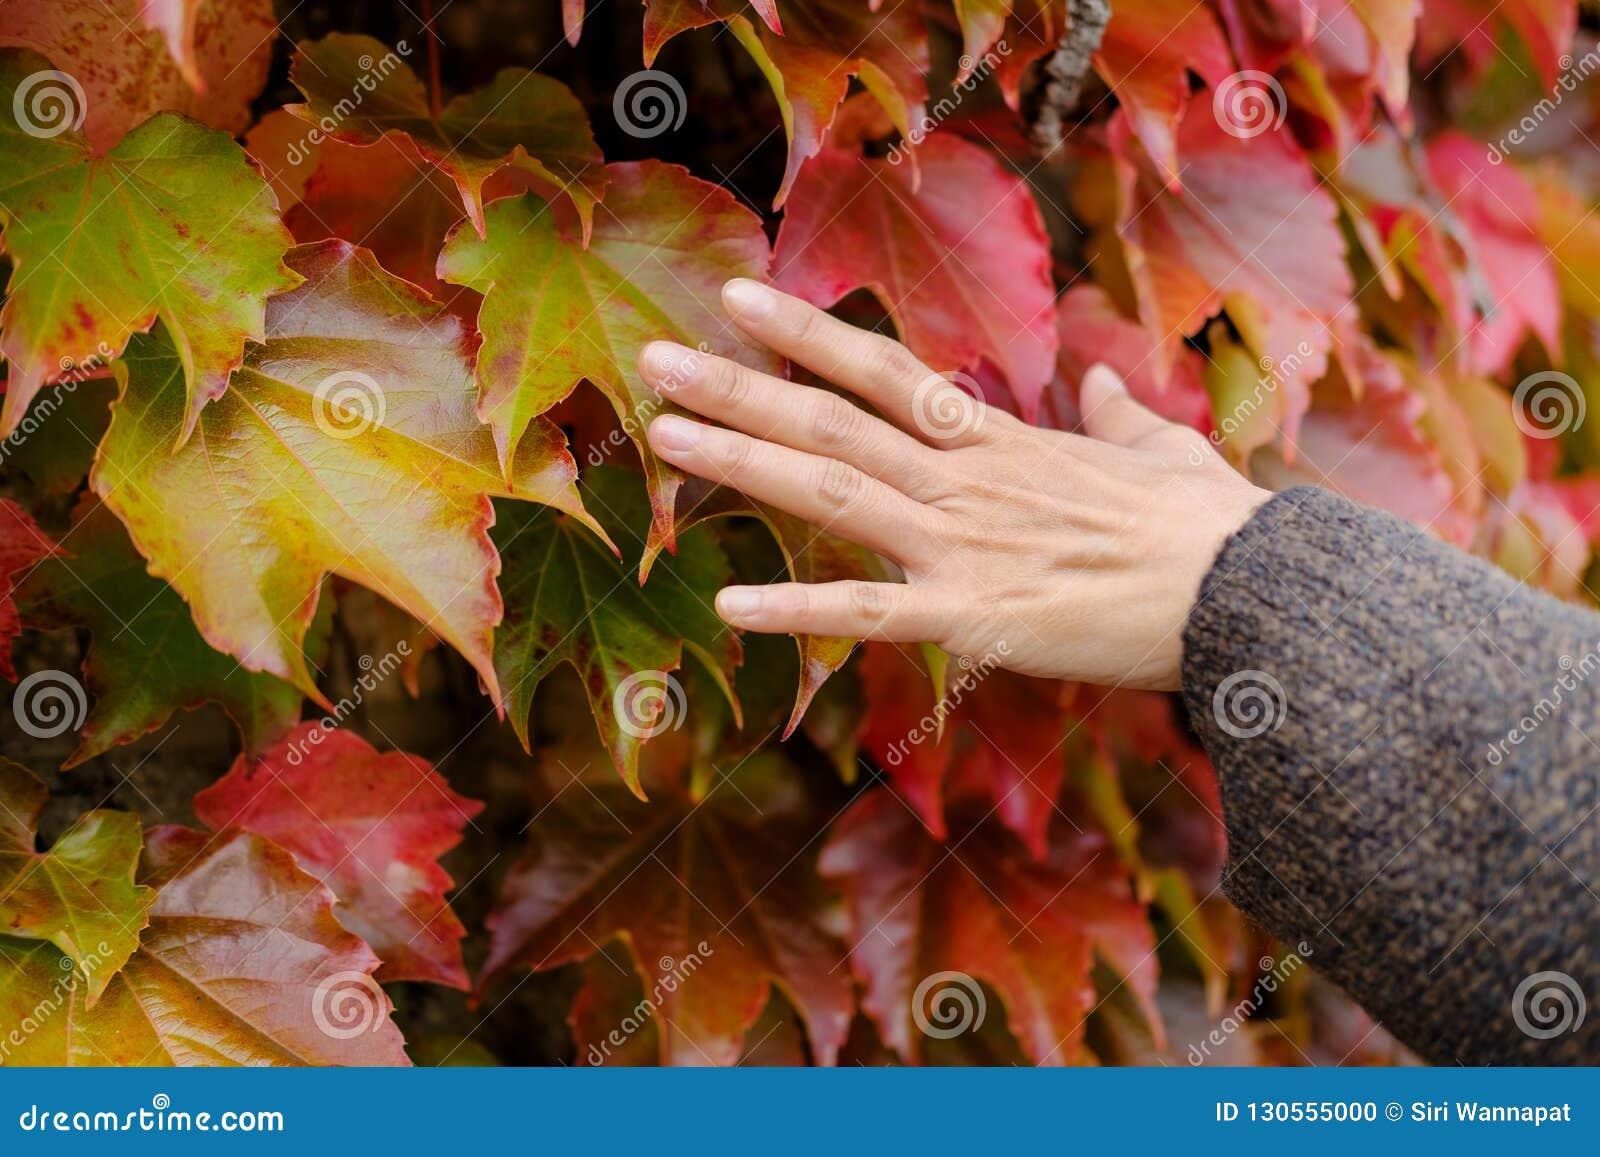 Conceito da estação da queda e do outono Perto acima da mão da mulher delicadamente